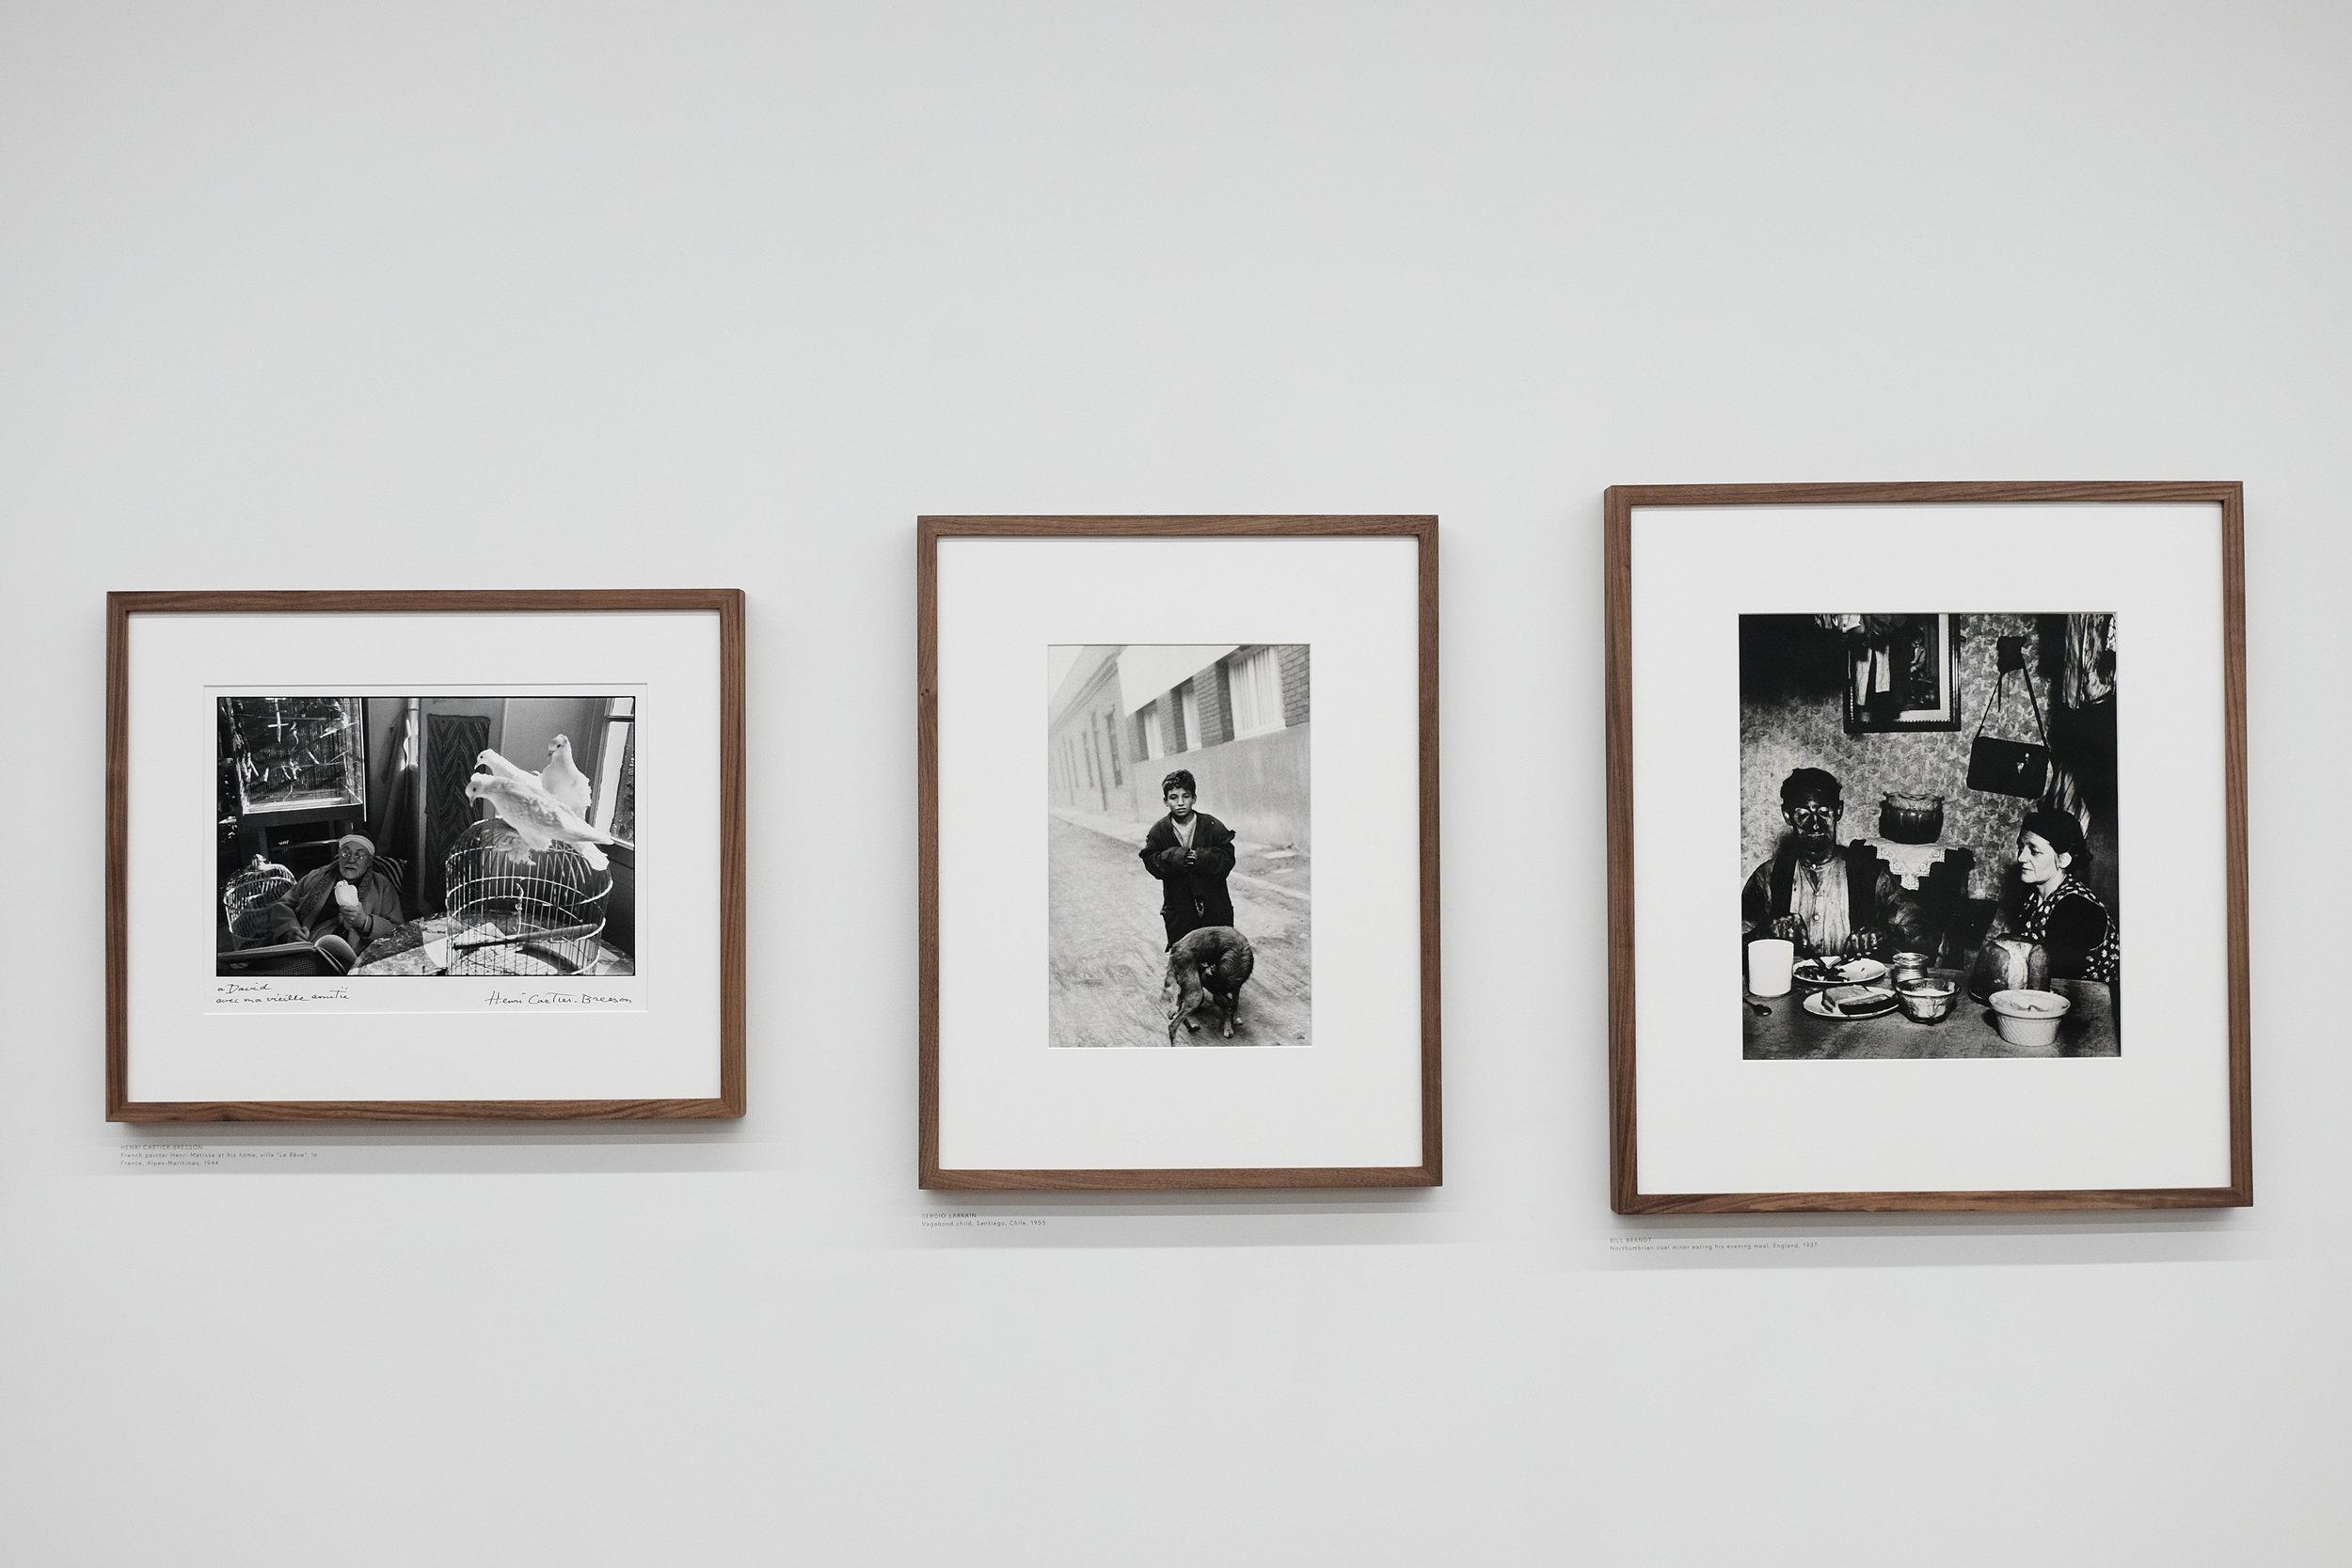 L-R: Cartier-Bresson,Sergio Larrain, Brandt